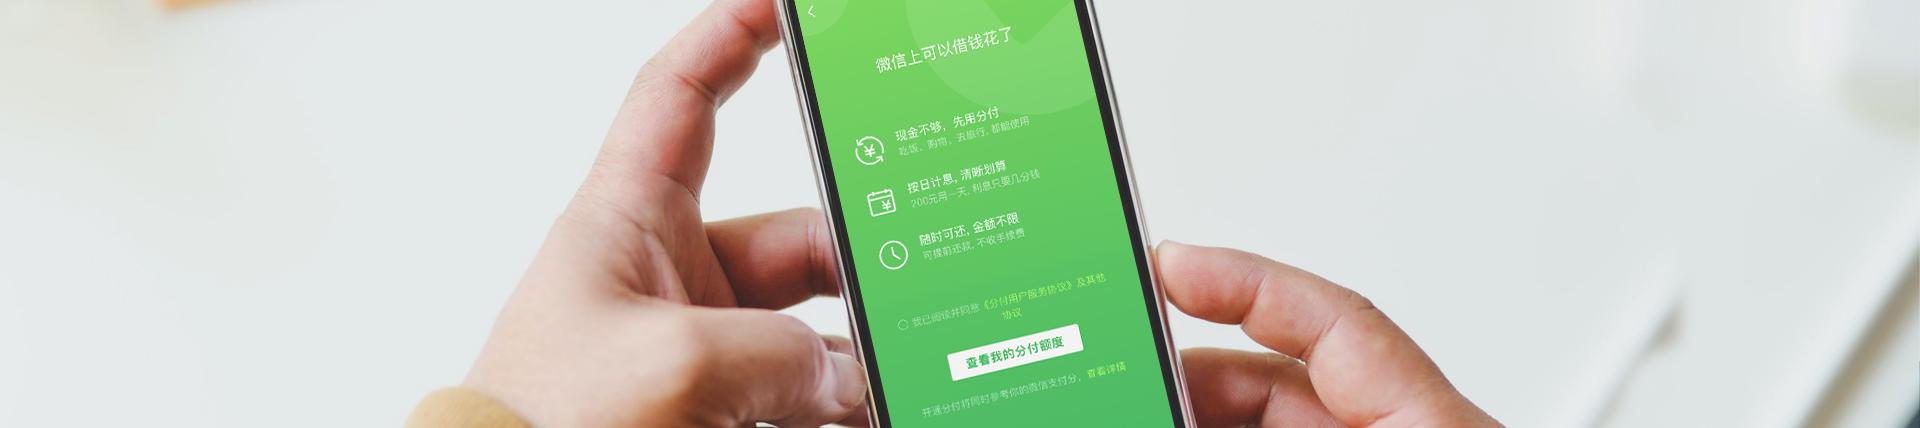 """微信推出""""分付"""",会启用wechatpay.com吗?"""